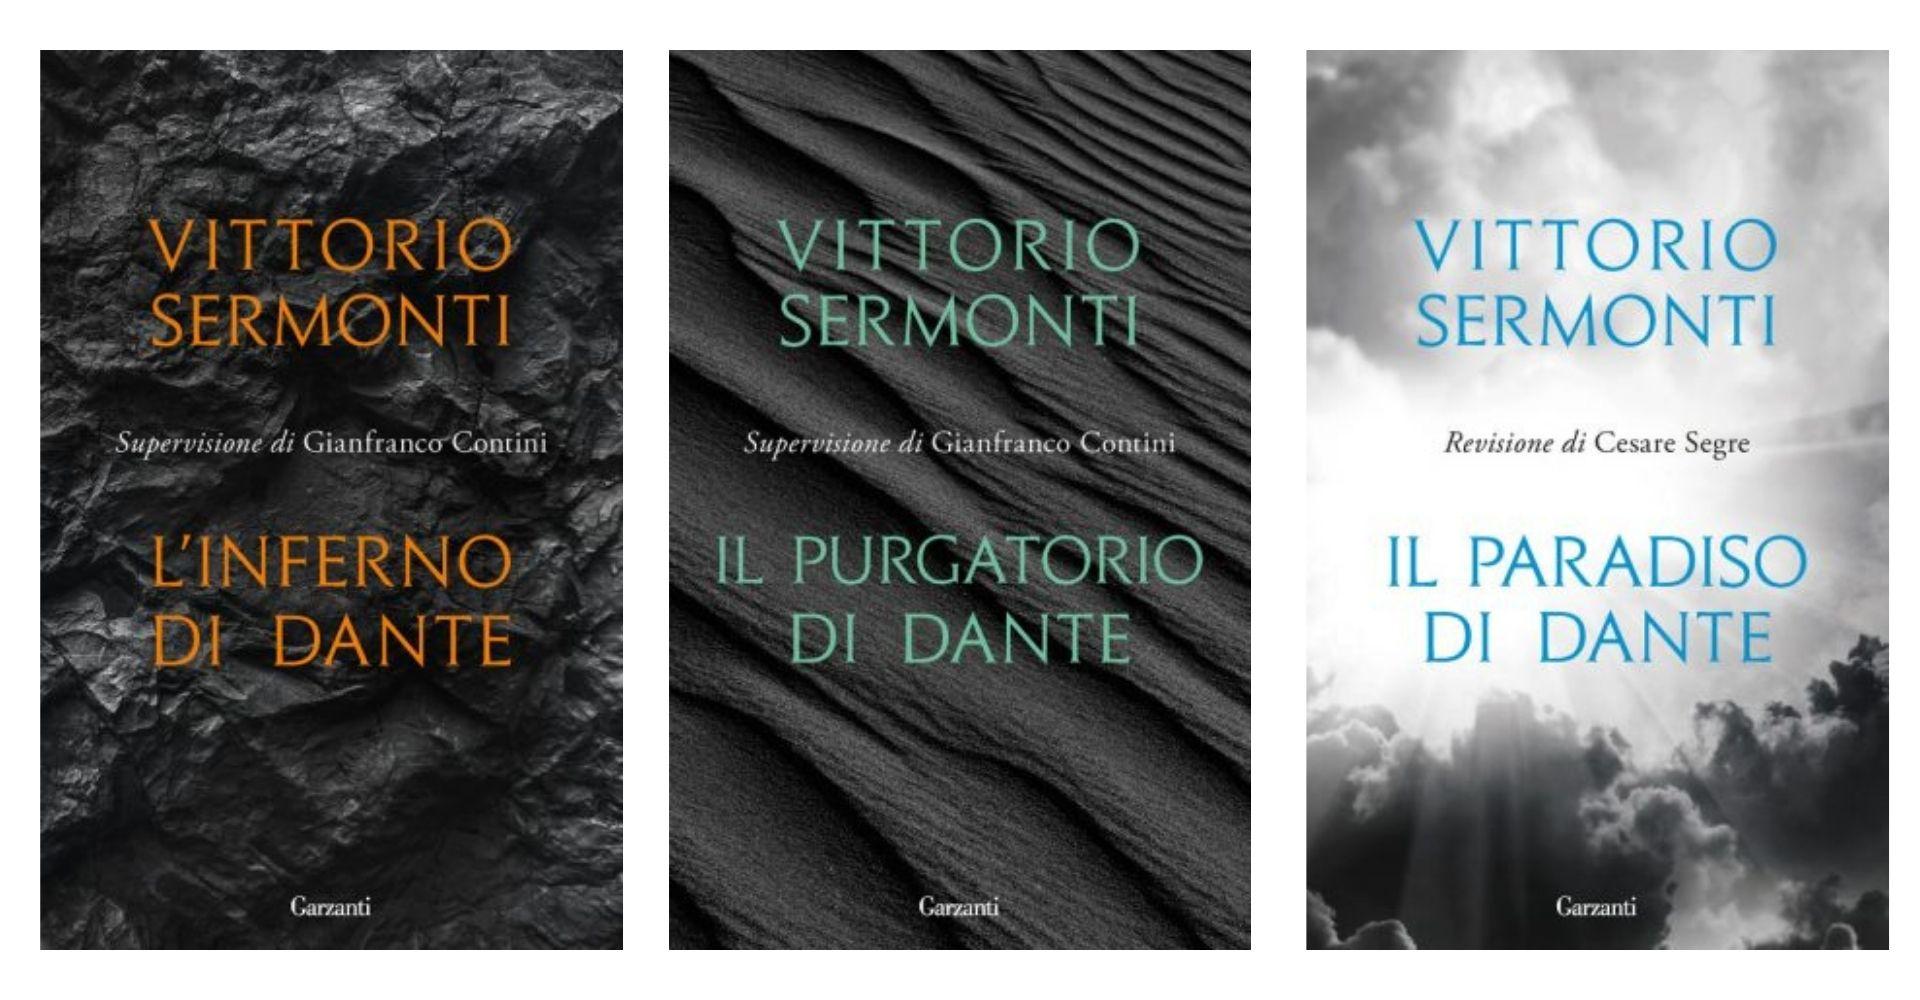 Vittorio Sermonti Divina Commedia